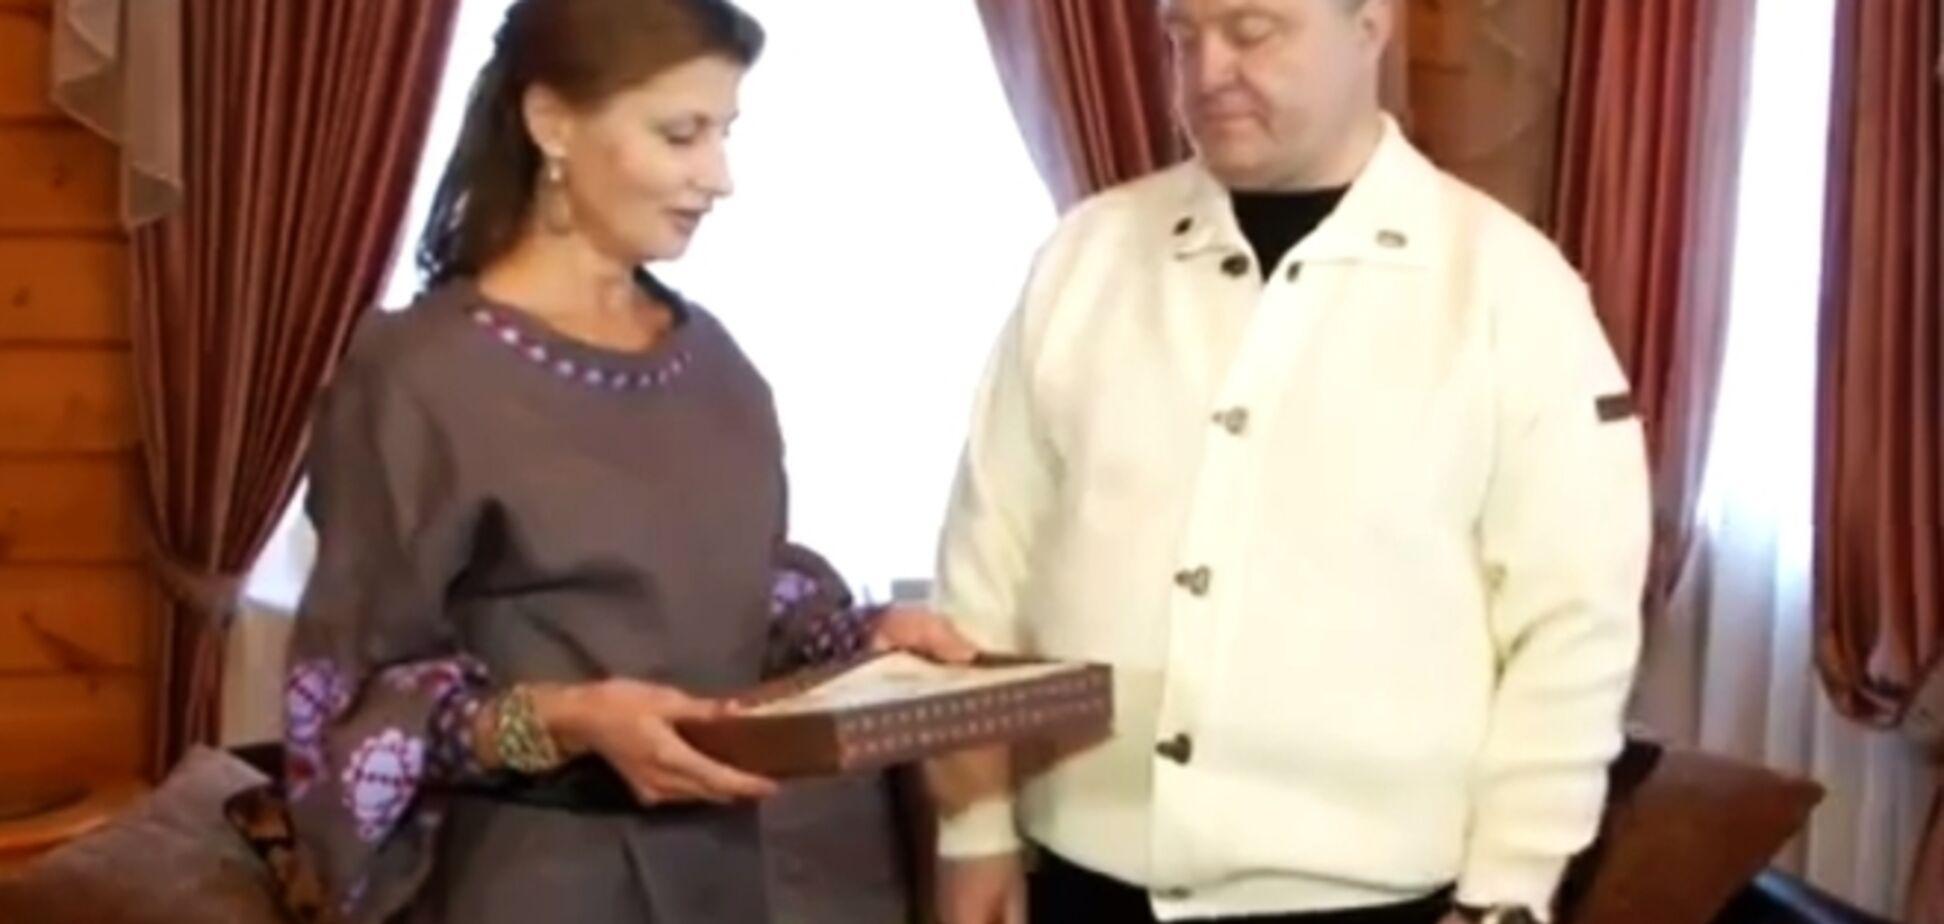 СМИ рассказали, где Порошенко отпраздновал День рождения